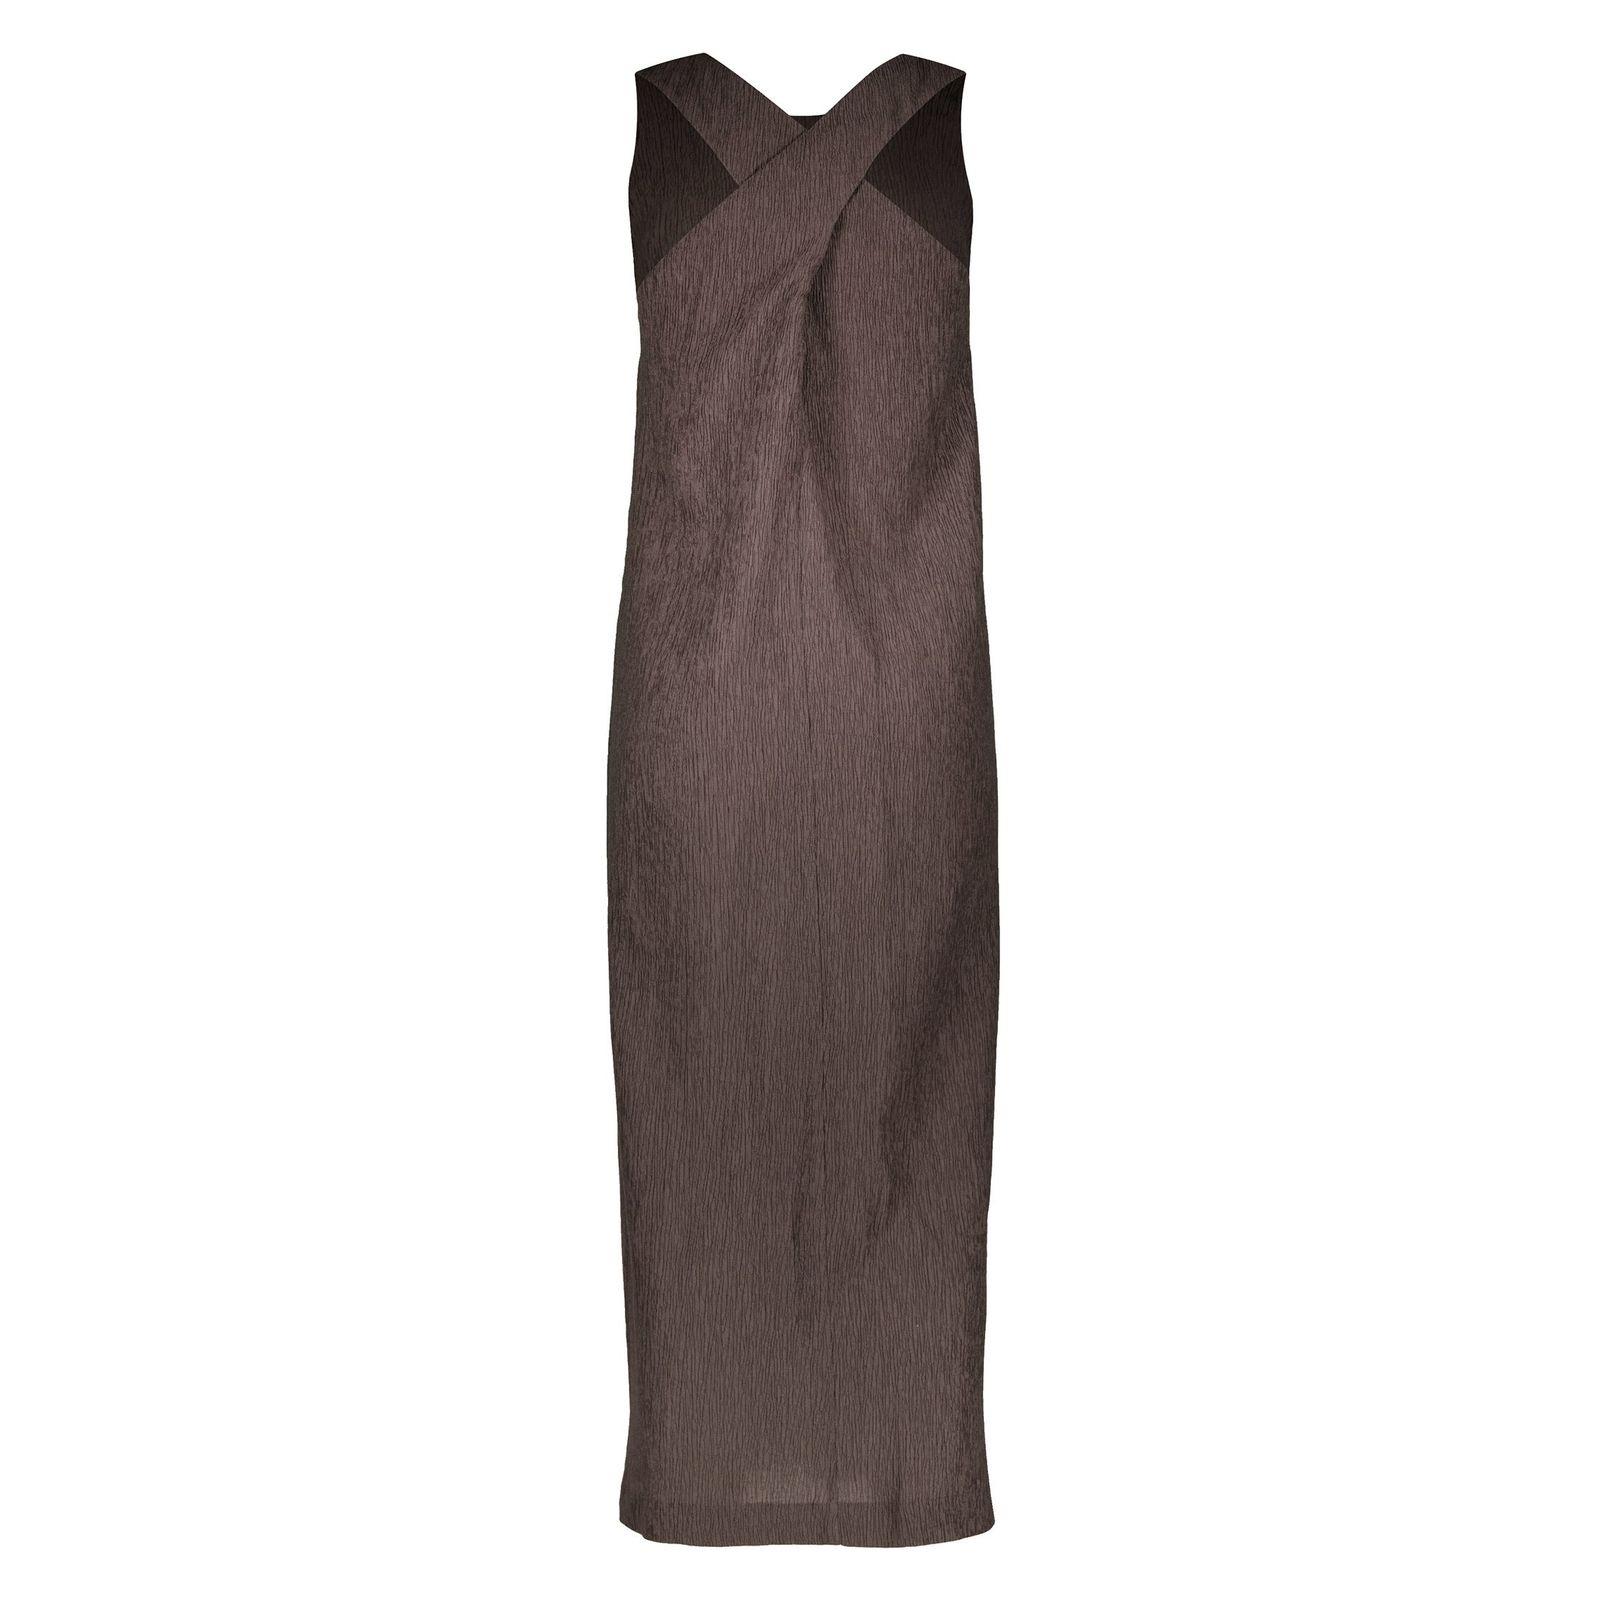 پیراهن بلند زنانه - استفانل - قهوه اي - 2